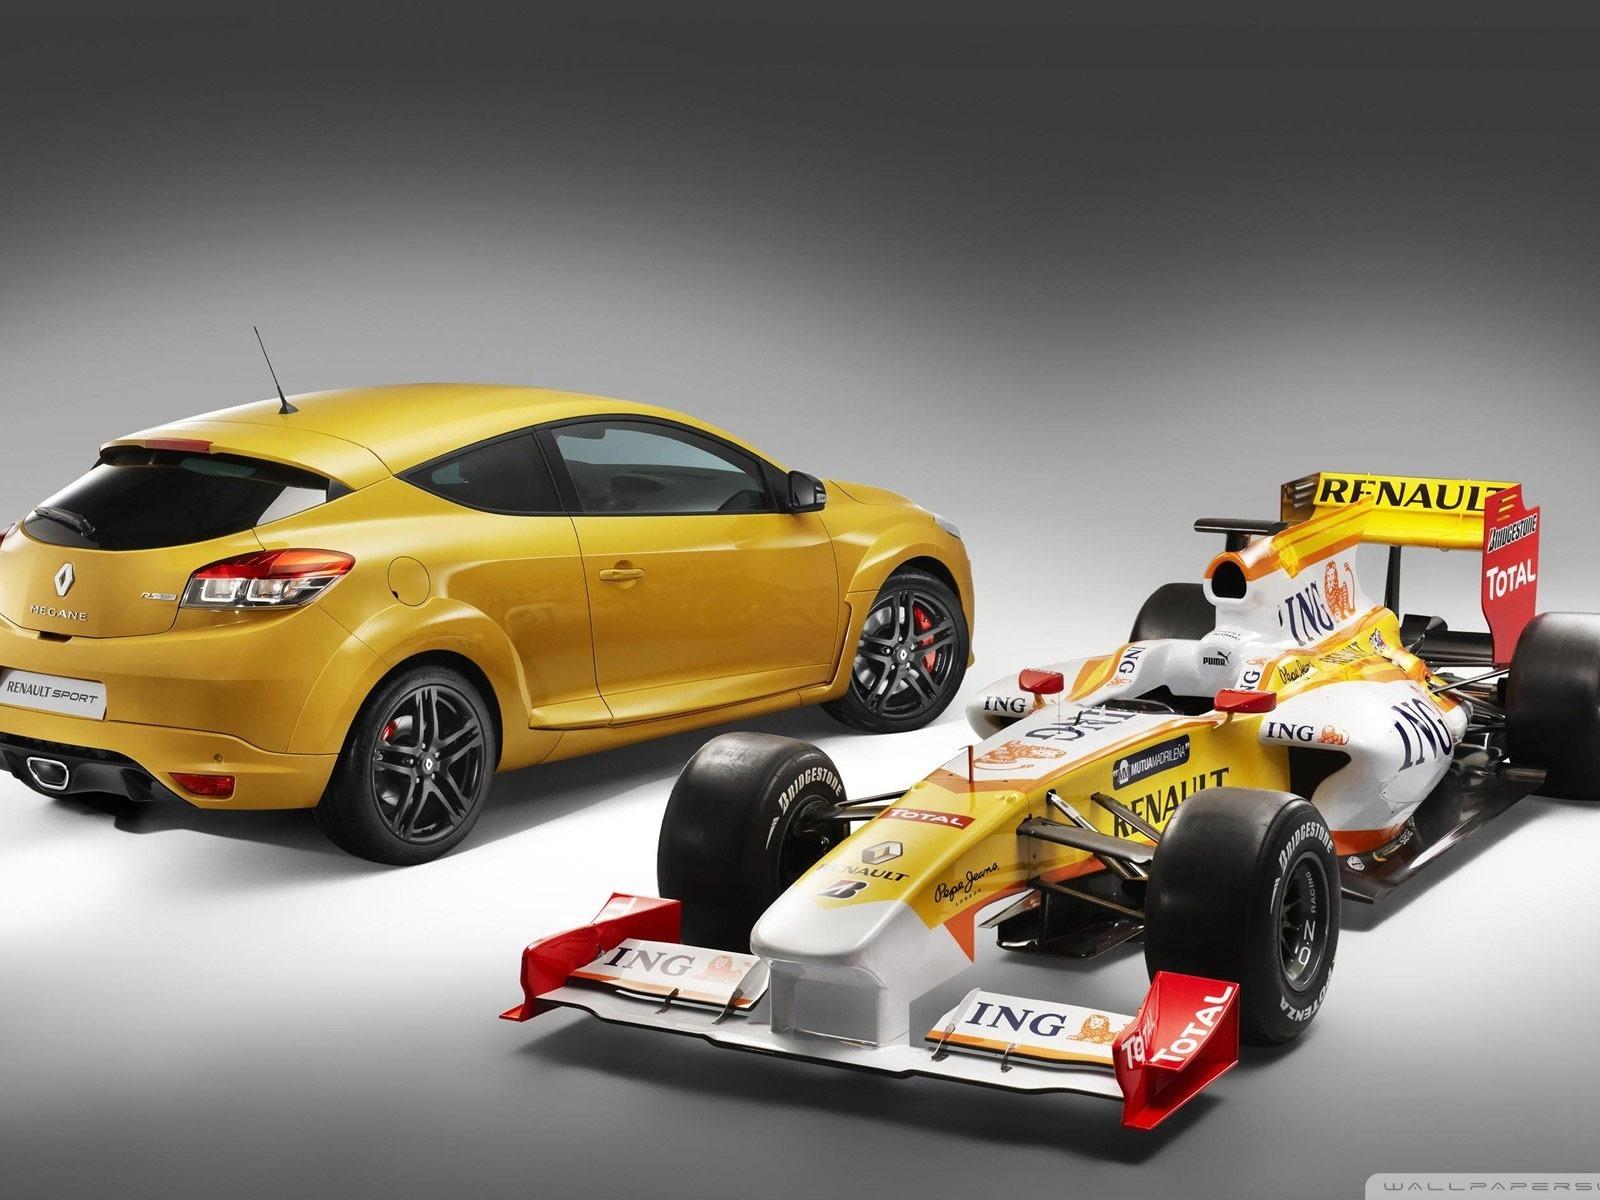 Renault Megane Rs F1 Formula Racing Wallpaper Visualizacao 10wallpaper Com